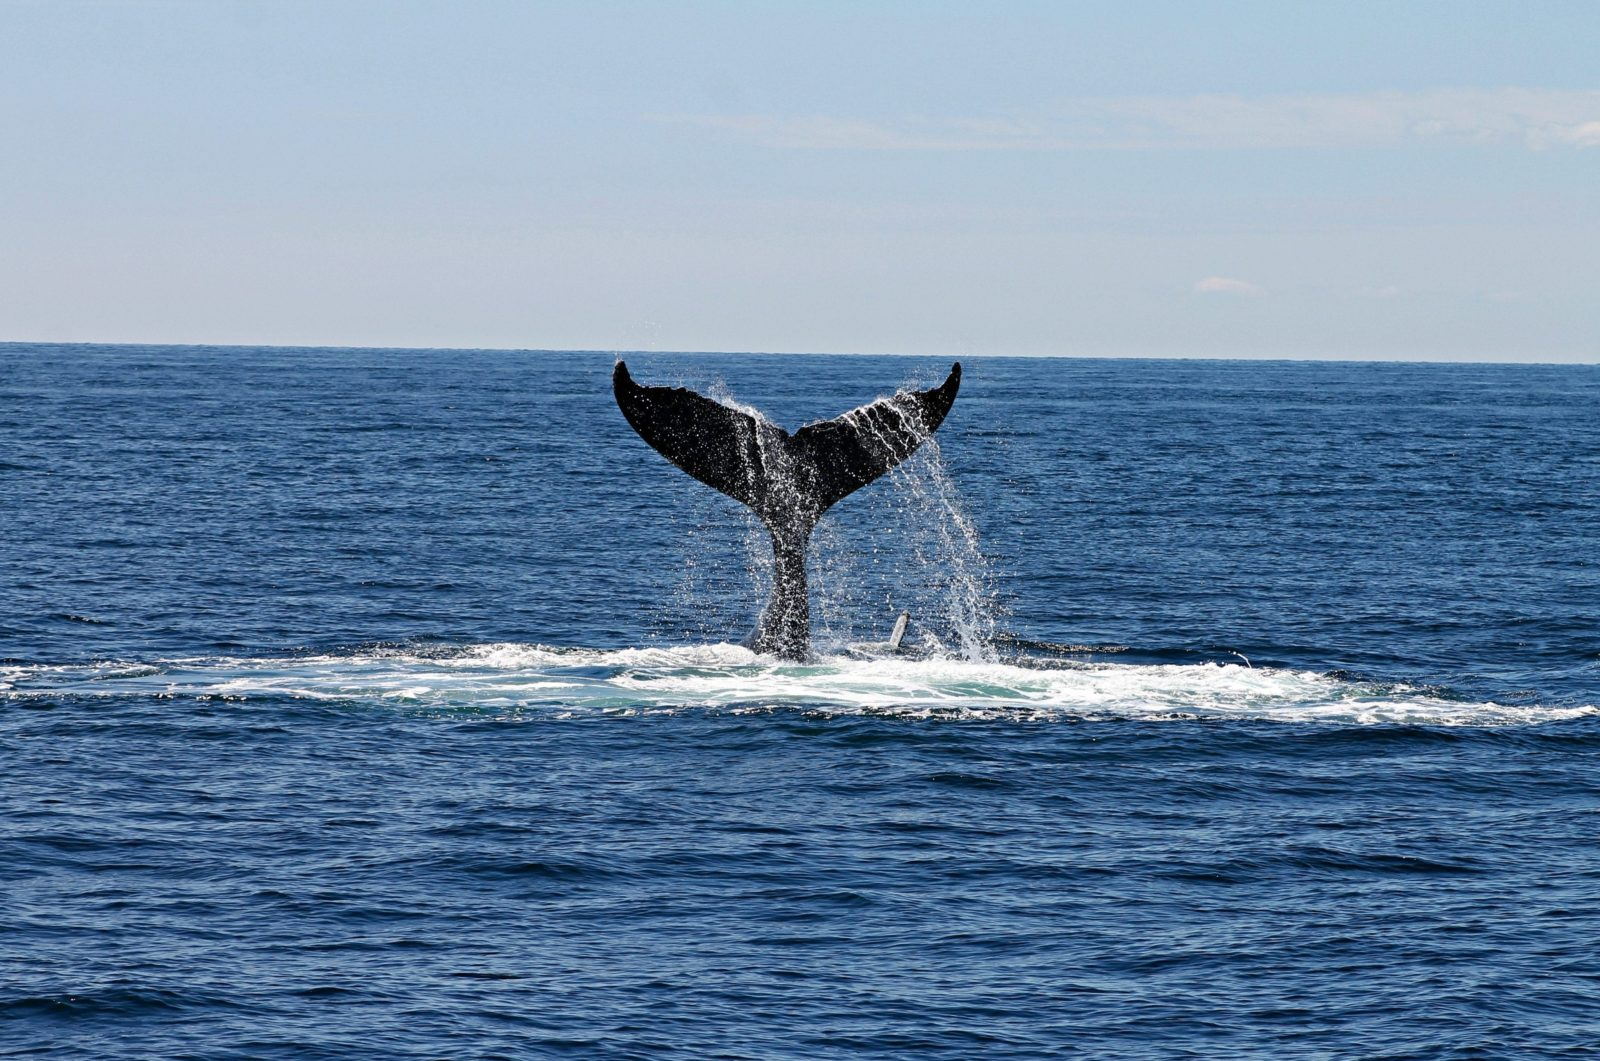 Le projet de loi C-55 vise à mieux protéger les océans: le sénateur Harder